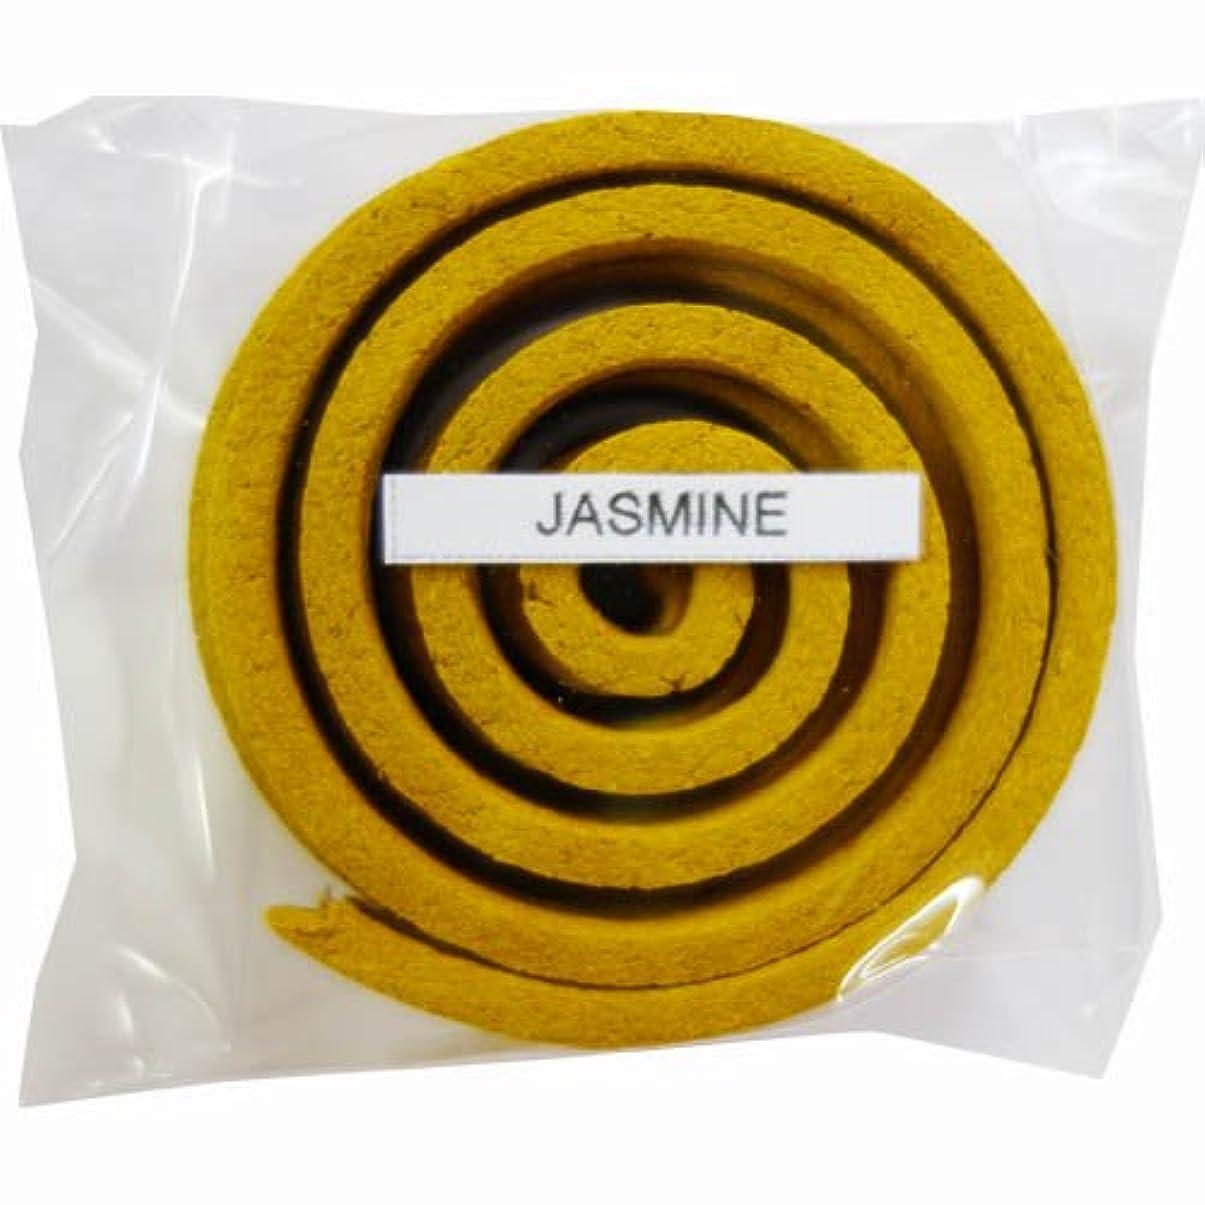 究極のハウスいつでもお香/うずまき香 JASMINE ジャスミン 直径5cm×5巻セット [並行輸入品]